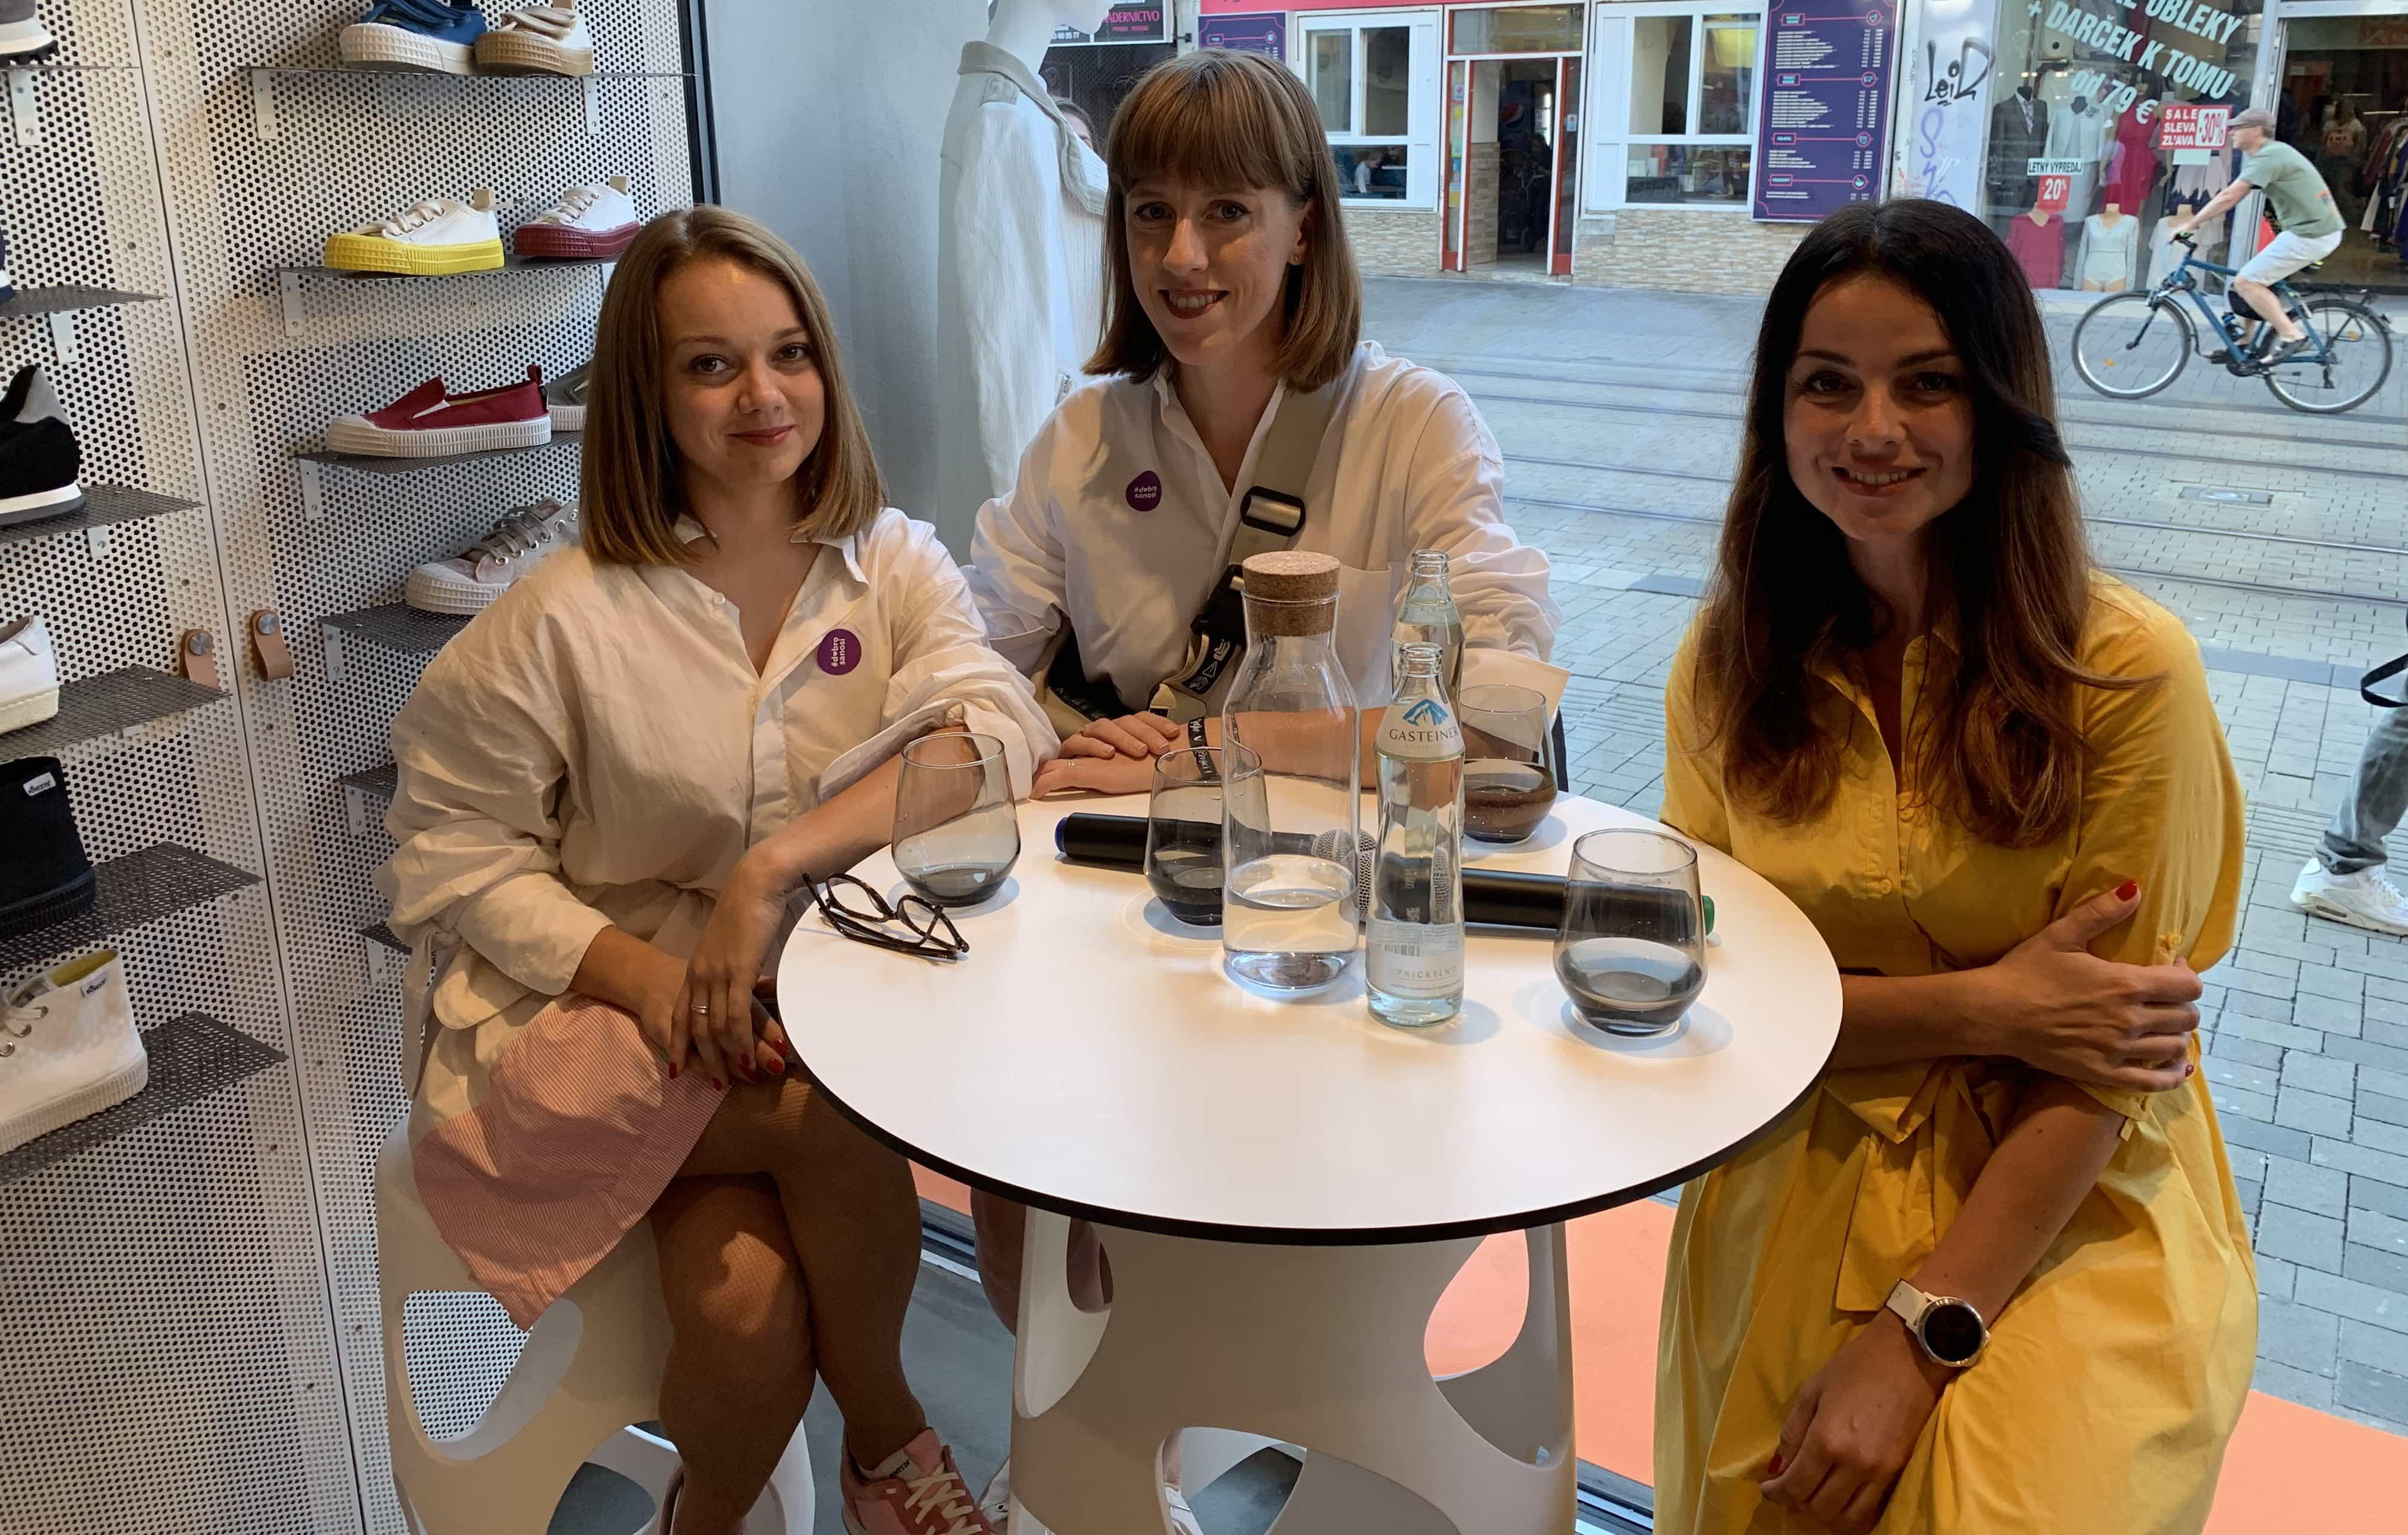 Zľava Katarína Hutyrová, Barbora Yurkovič a Lýdia Žáčková. Zdroj: Hashtag